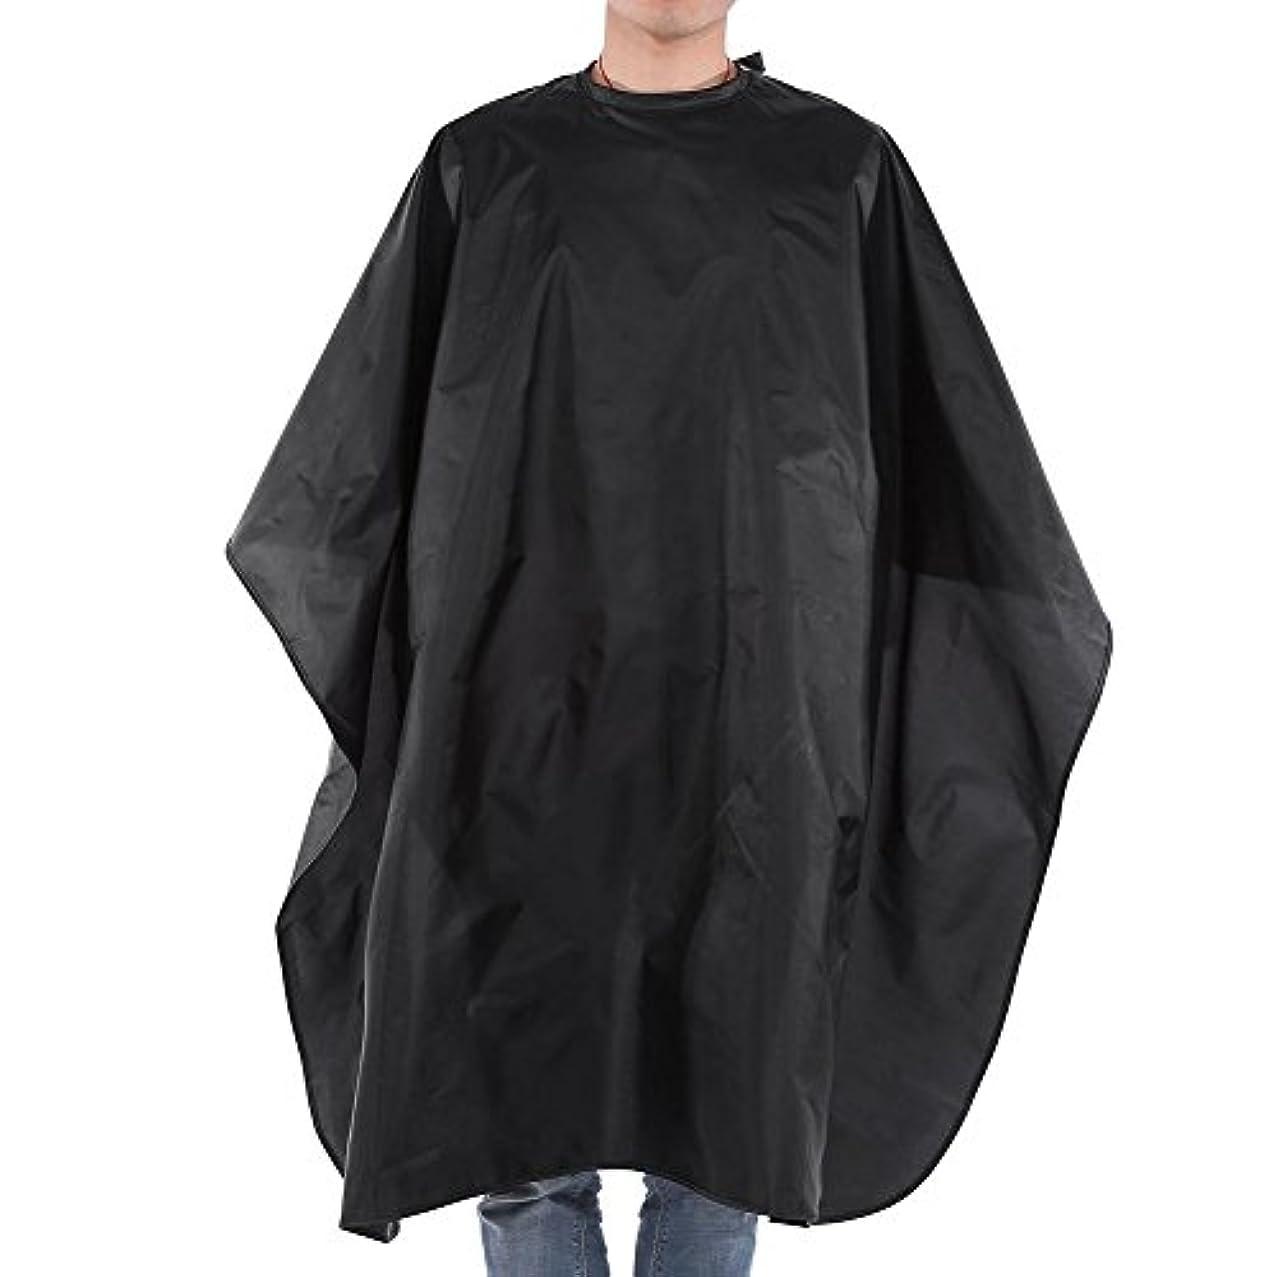 より良いハチ類似性理容室スタイリングケープ、ブラックサロンヘアカット理髪理髪店ケープガウン大人の布防水スナップクロージャー59×47インチ